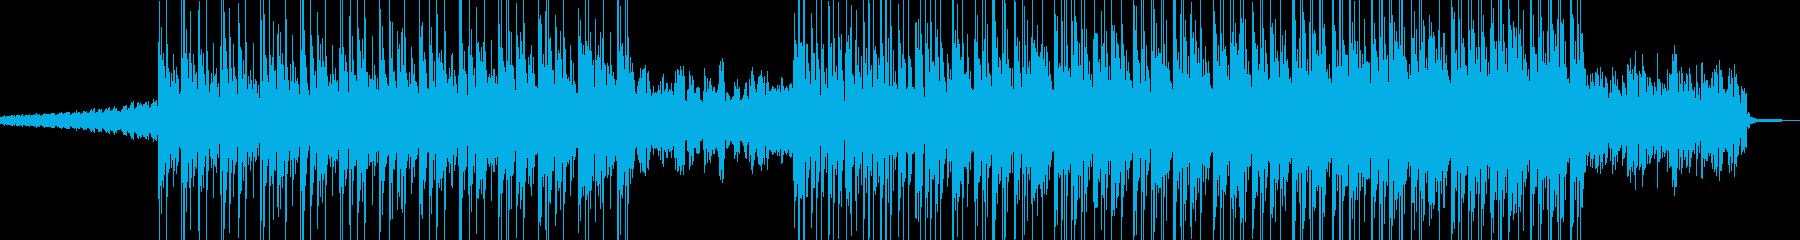 電脳・空想科学的なエレクトロポップ Aの再生済みの波形